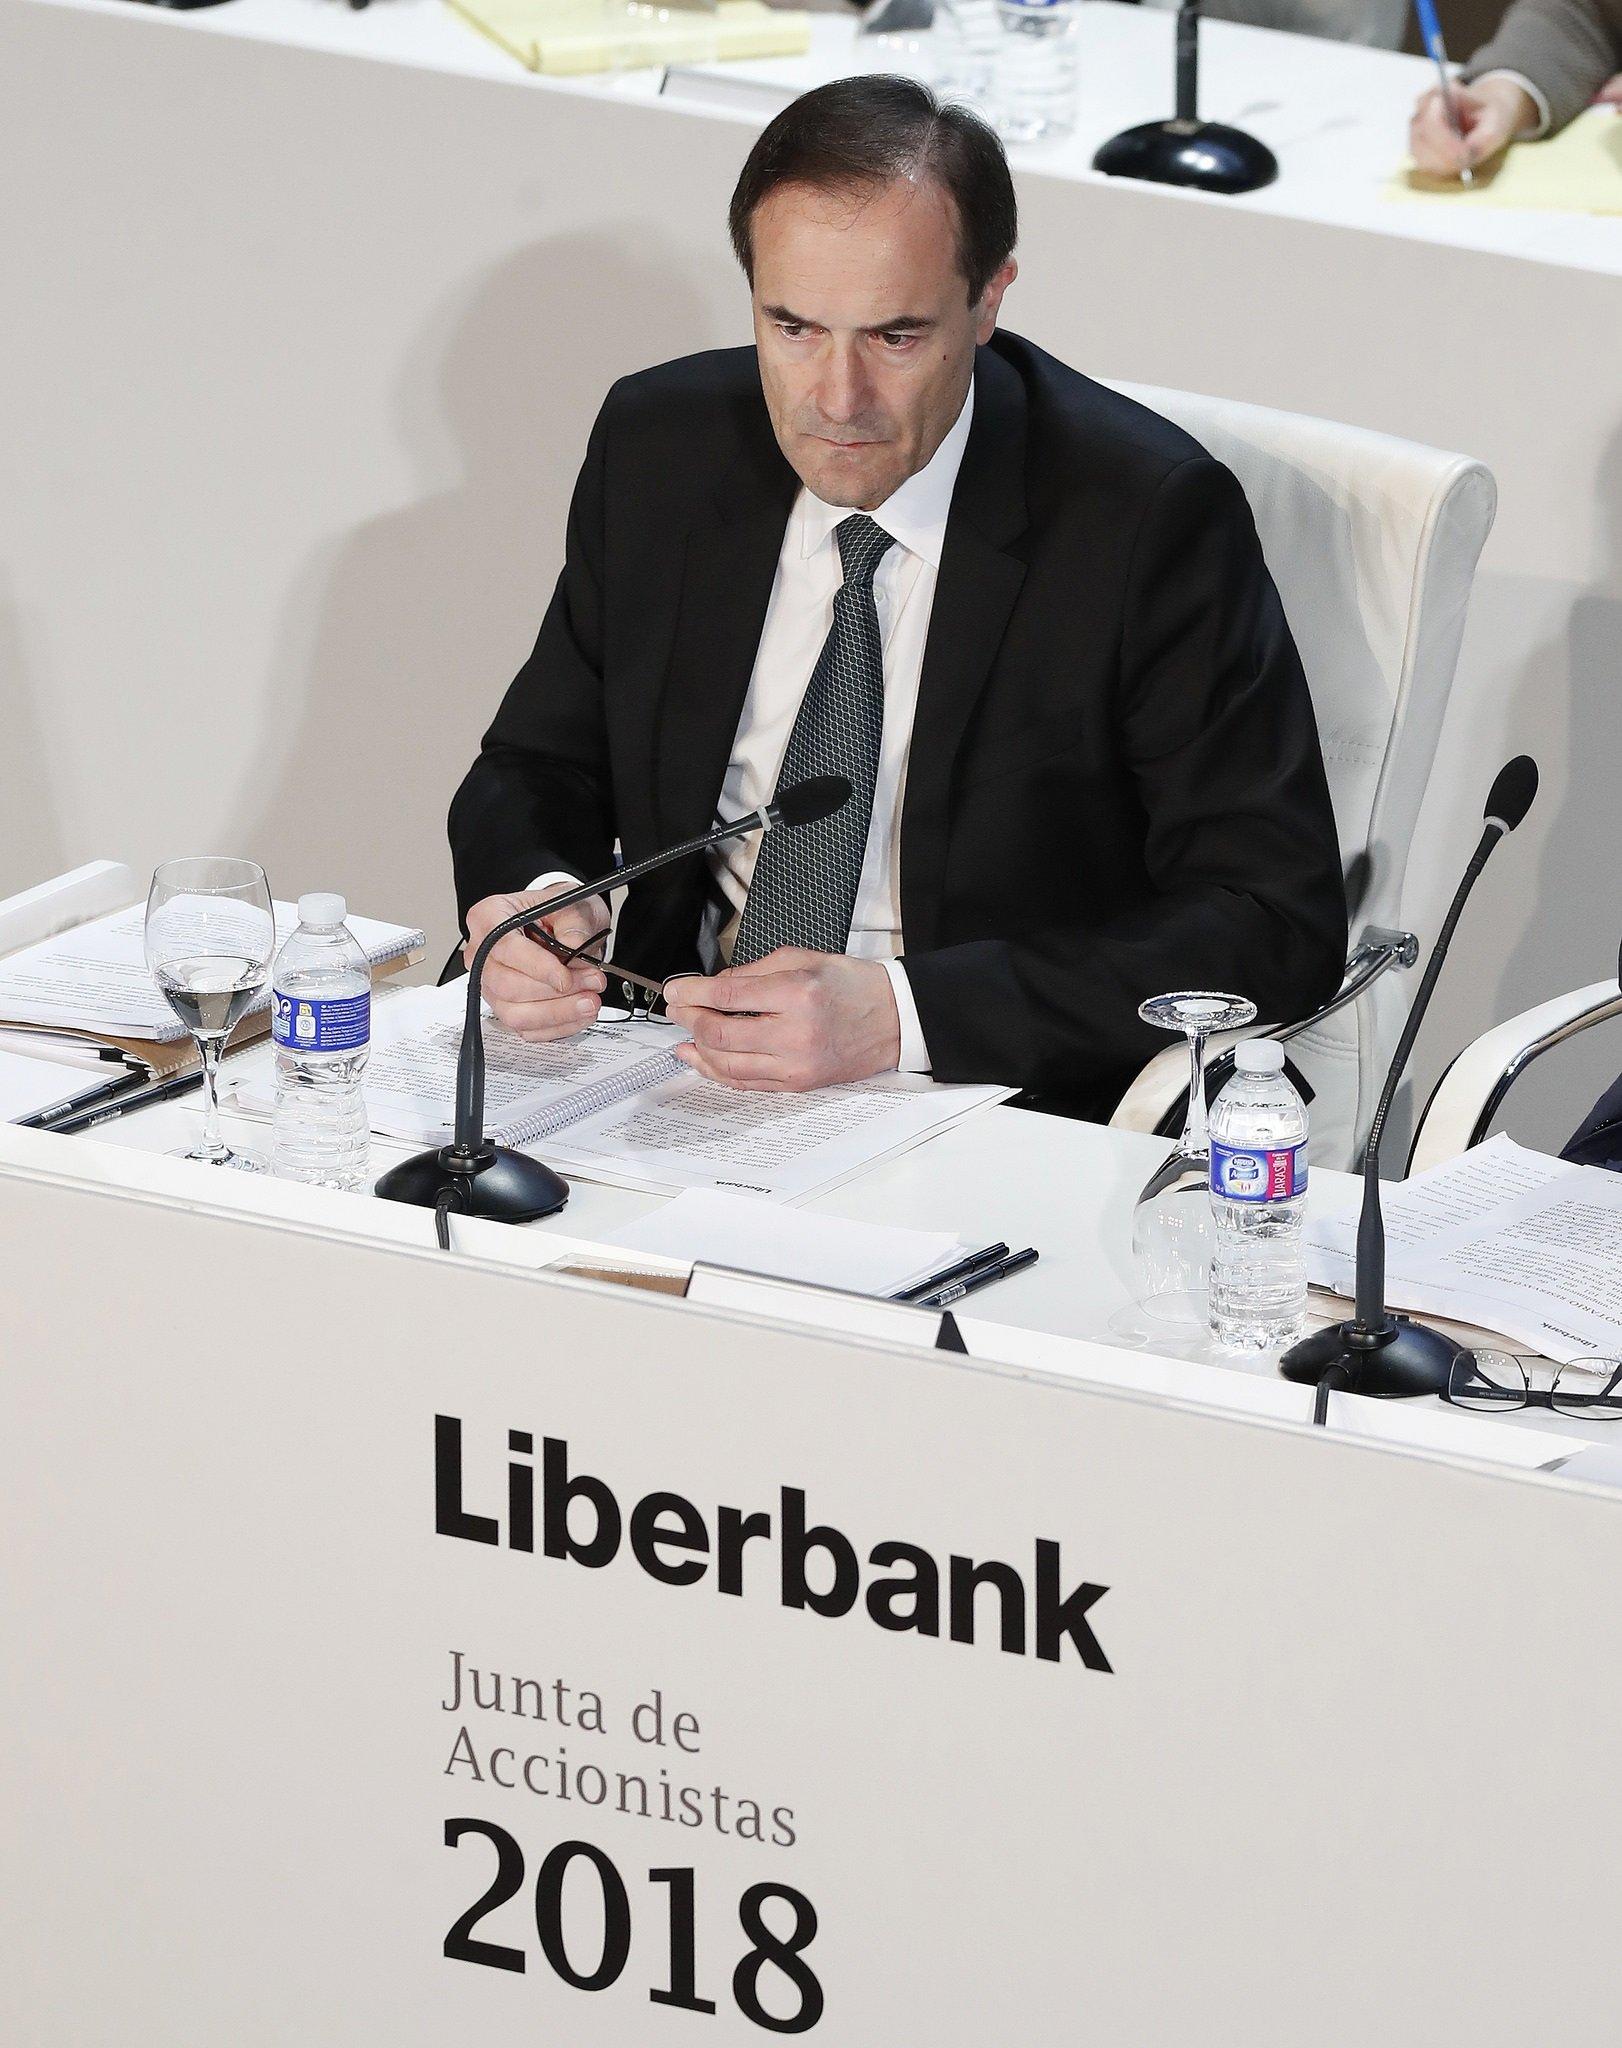 El Banco de España tiene un problema: nadie quiere la entidad que dirige Manuel Menéndez